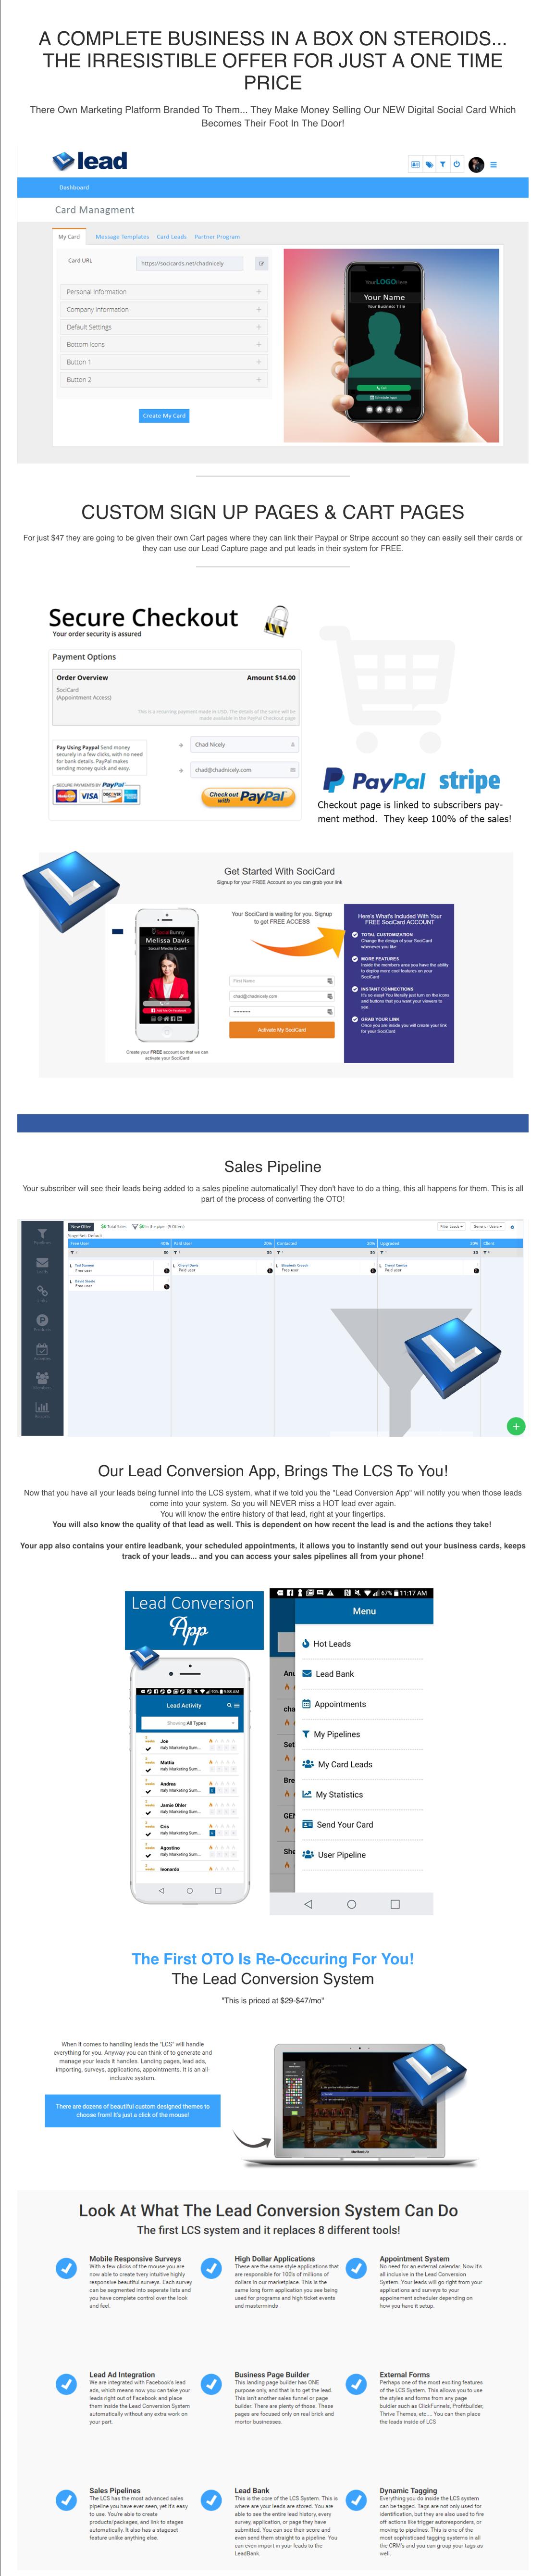 Lead App Review